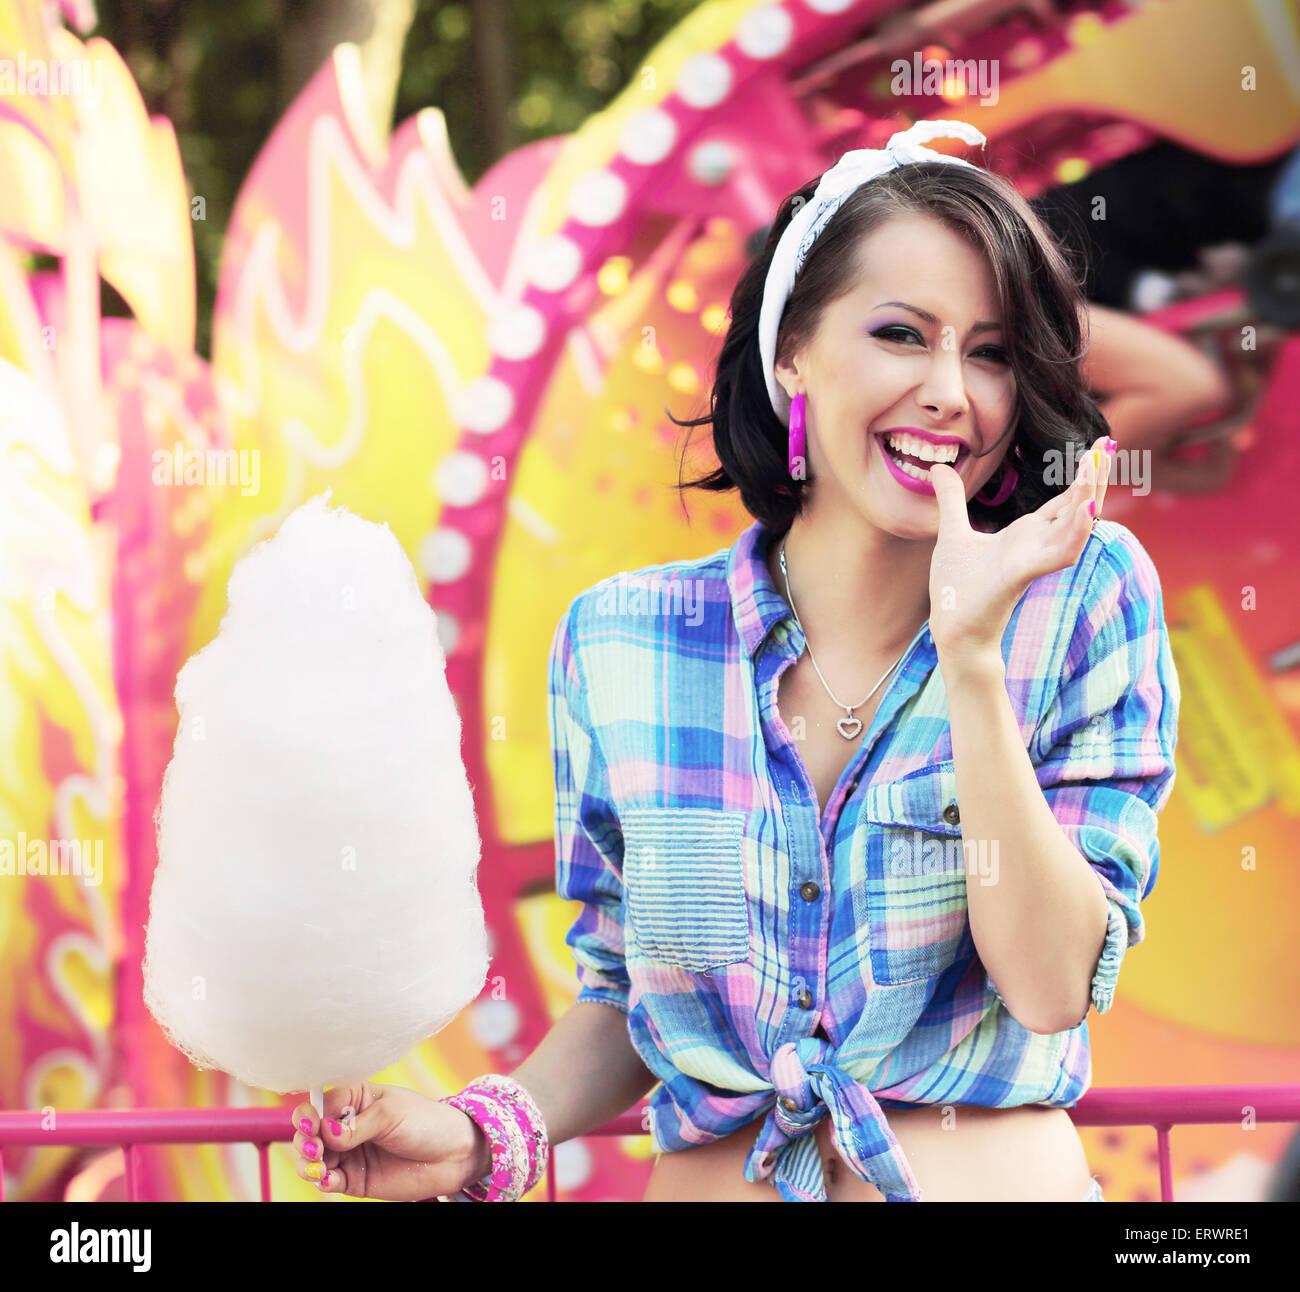 Sorriso Toothy. Giovane donna con cotone Candy nel parco di divertimenti Immagini Stock